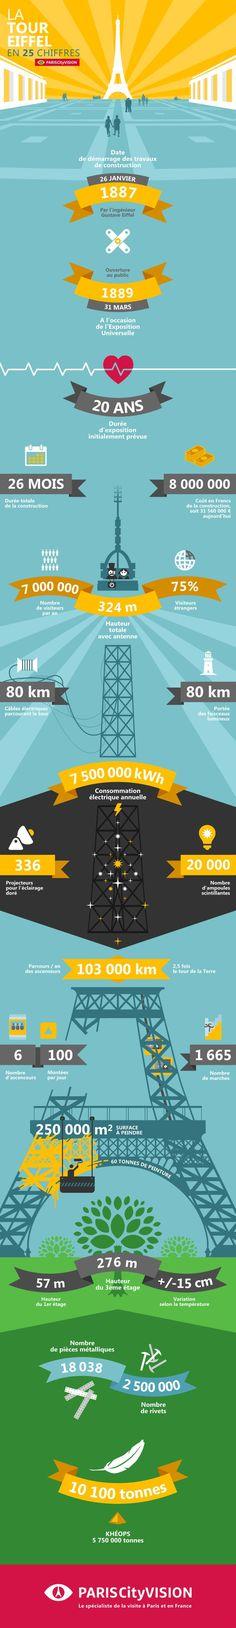 Découvrez la Tour Eiffel à travers une série de 25 chiffres tous plus étonnants les uns que les autres. Taille, année de construction, faits insolites... PARISCItyVISION a pour mission de vous rendre incollable sur notre chère et tendre Dame de fer parisienne.  #toureiffel #eiffeltower #eiffel #paris #france #dataviz #PARISCityVISION…